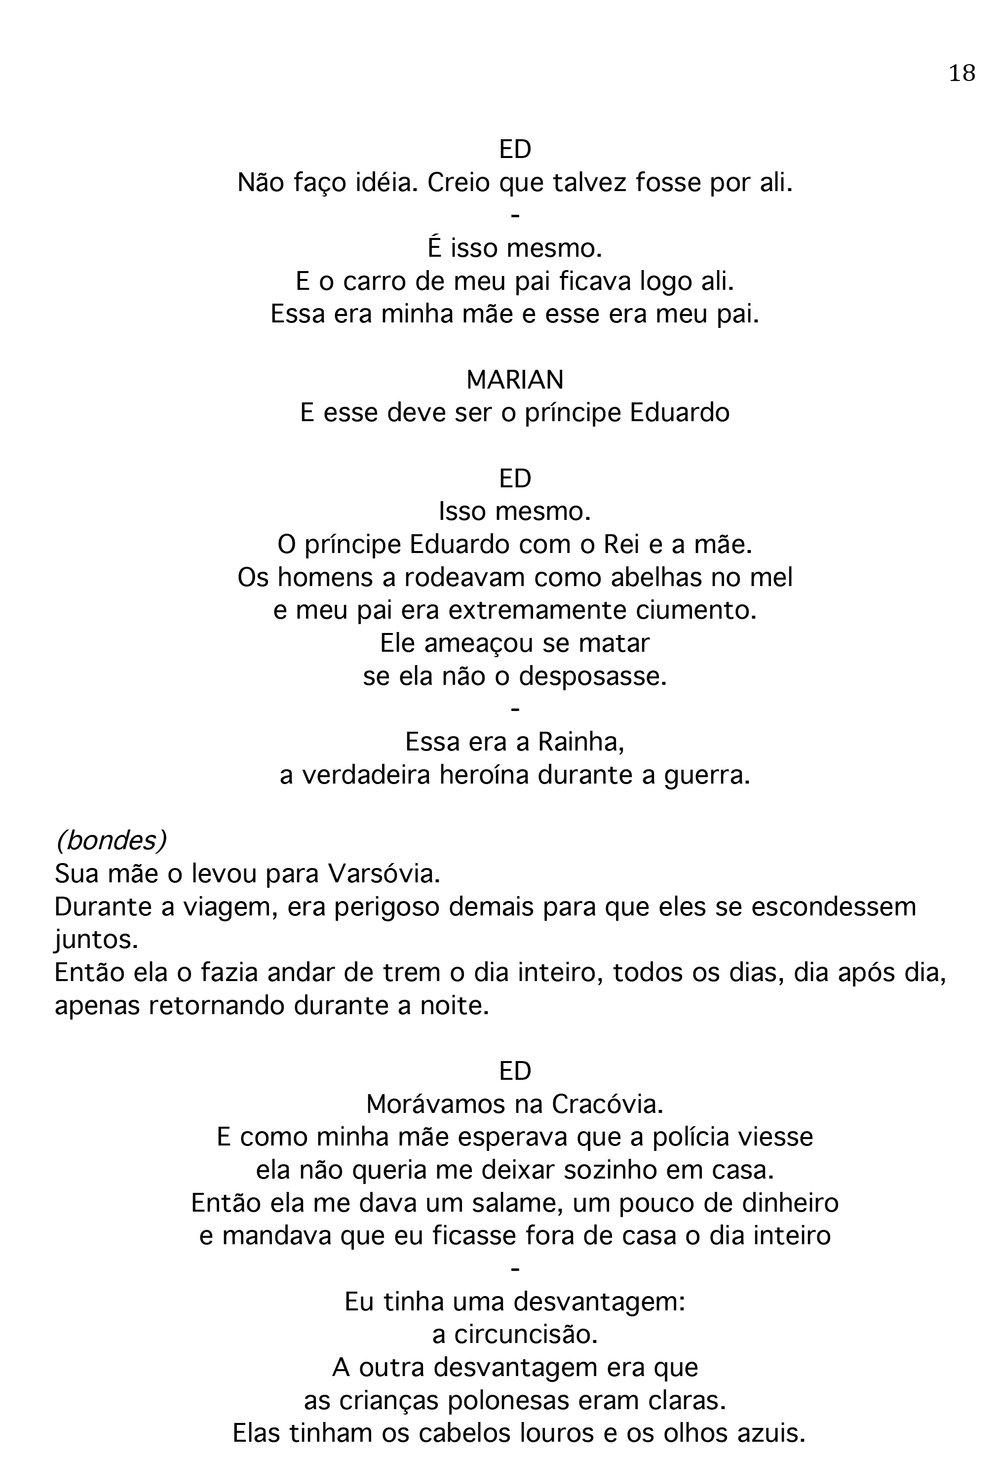 PORTUGUESE-SCRIPT-18.jpg